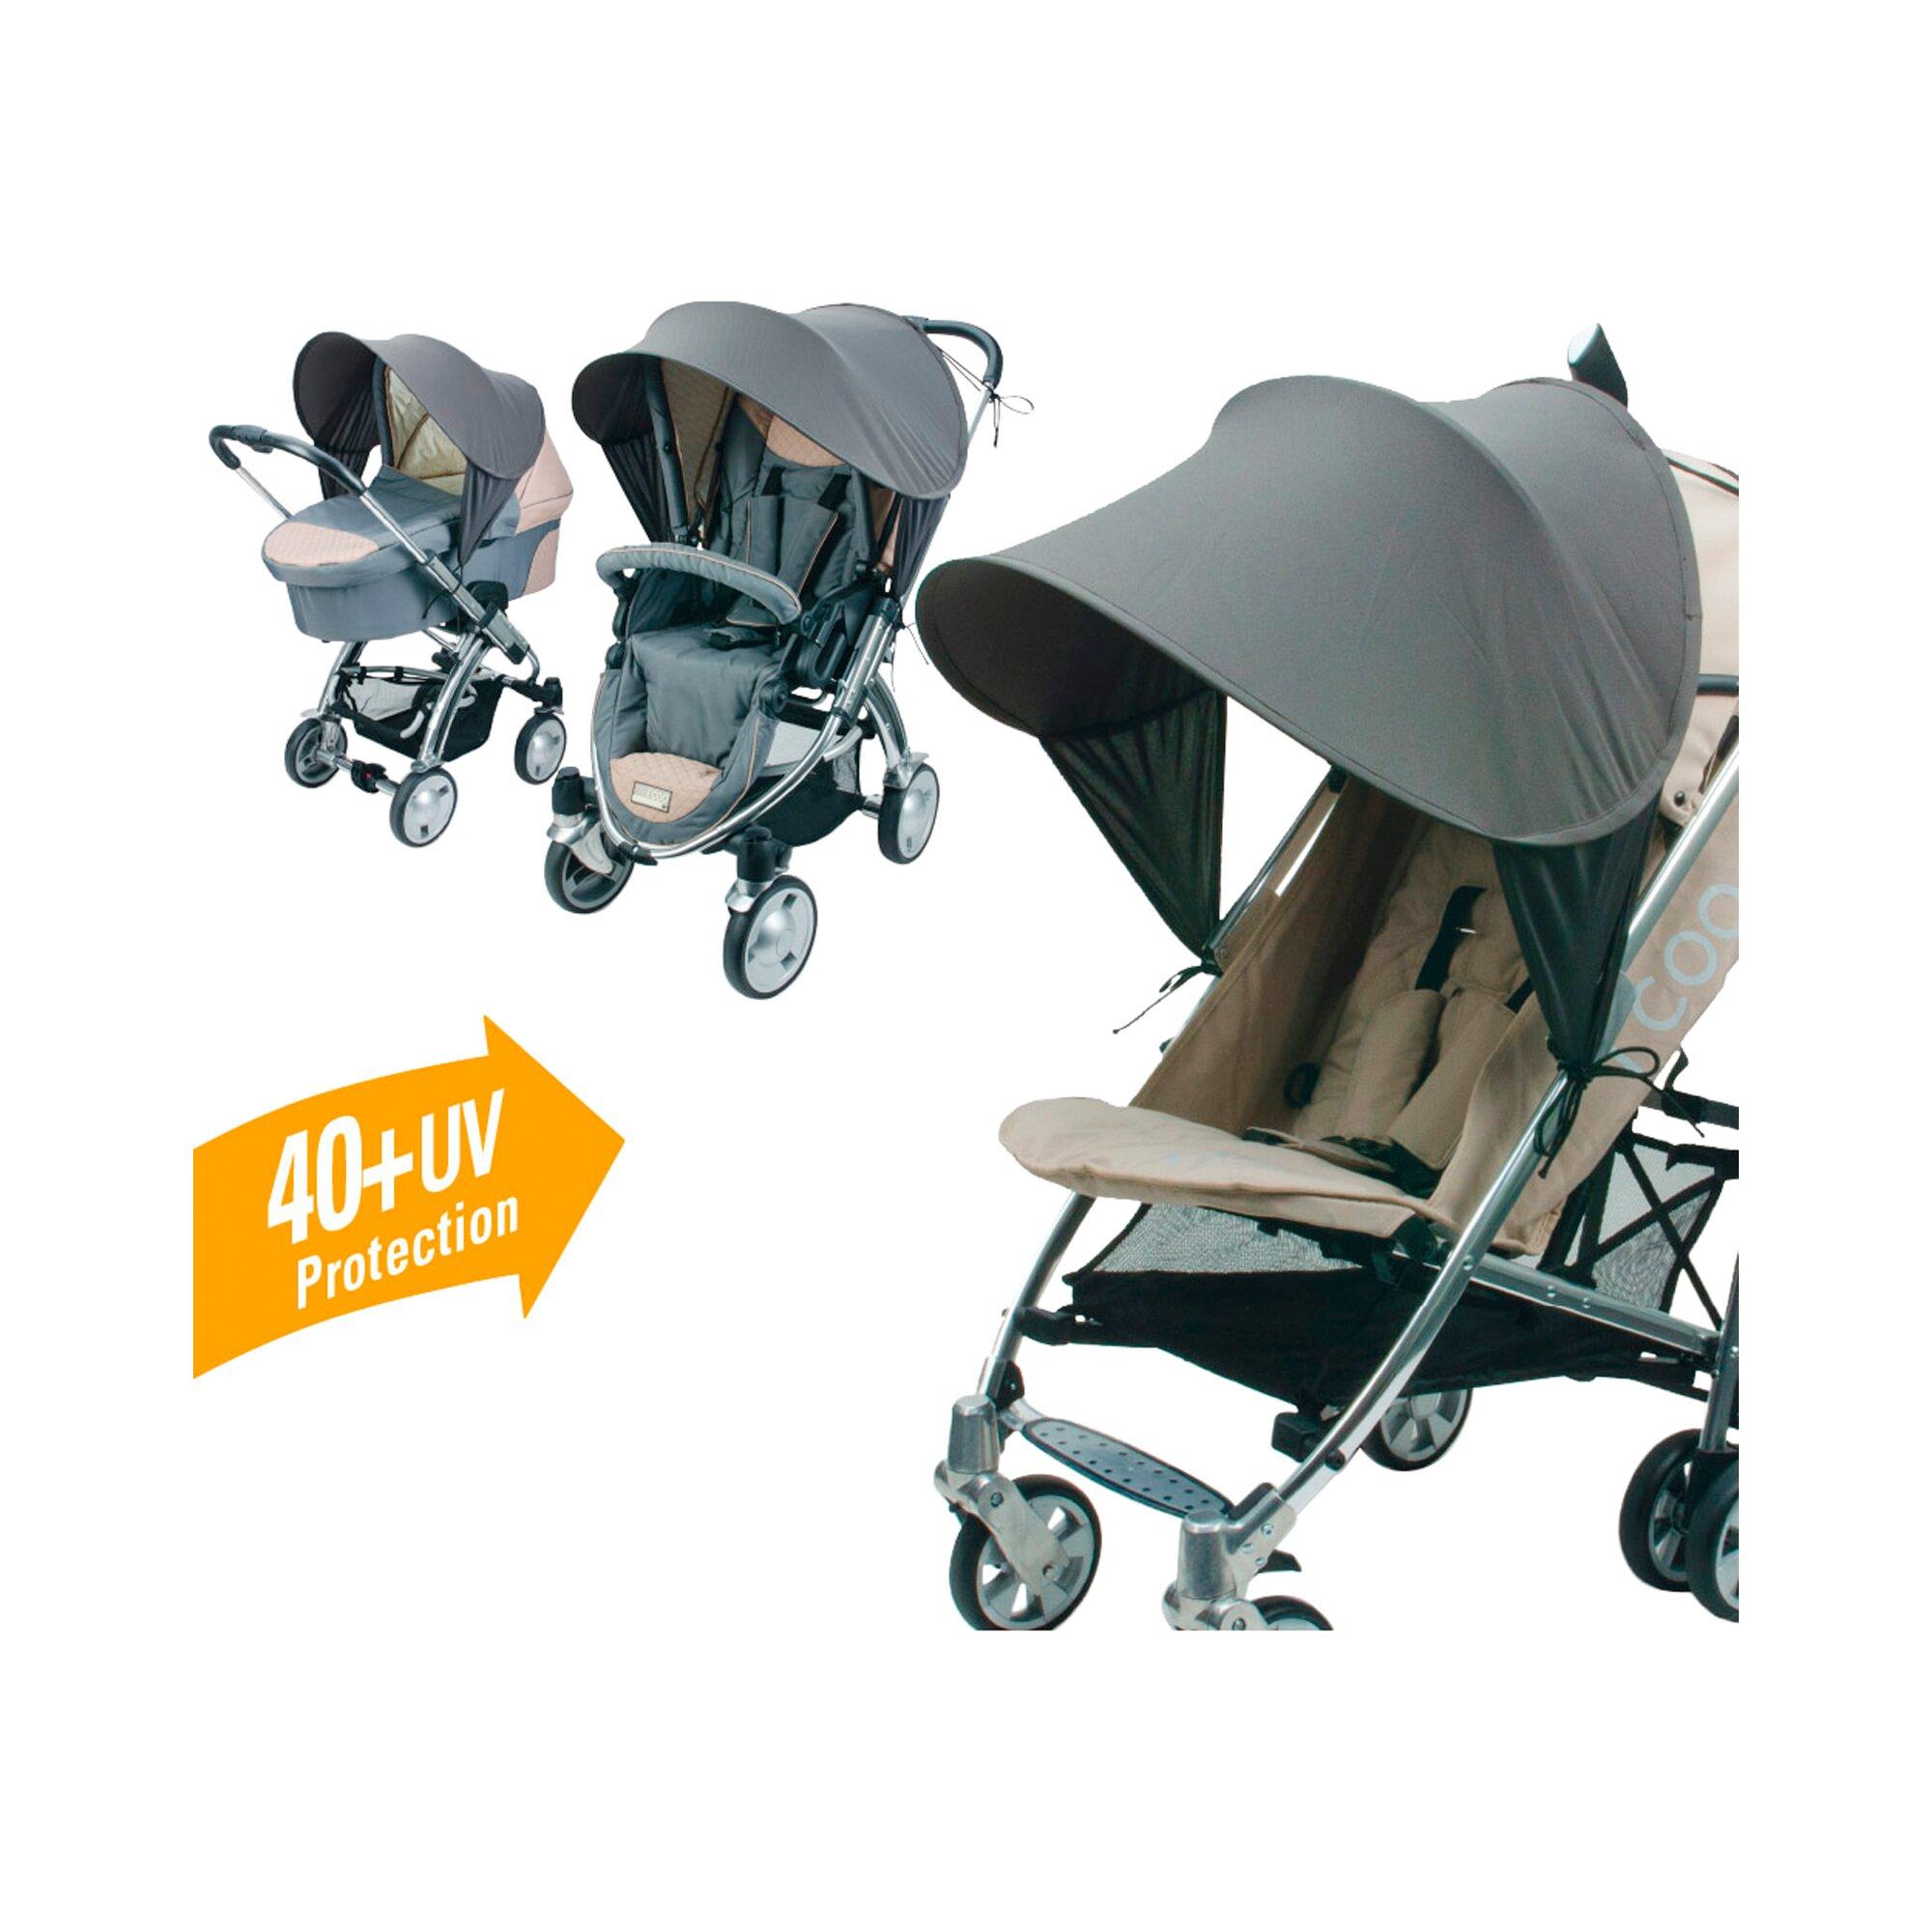 Diago Sonnenverdeck Universal Premium für Kinderwagen grau